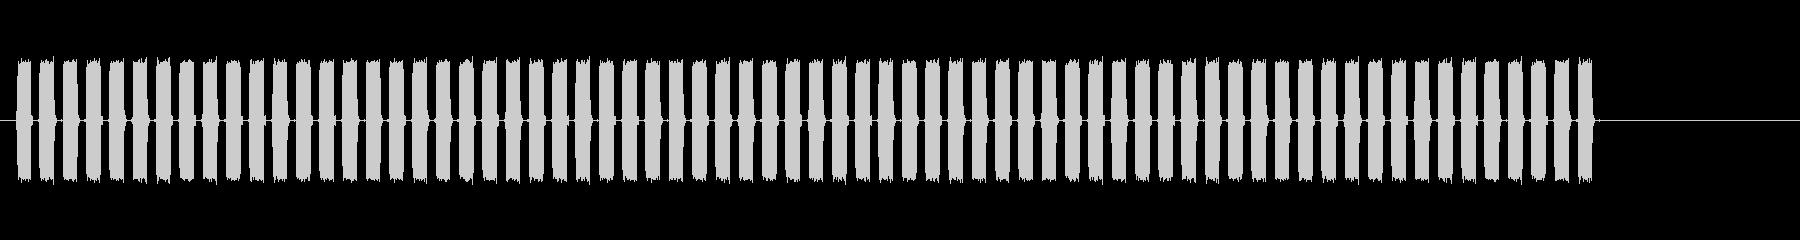 ユーザーインターフェイス音の未再生の波形